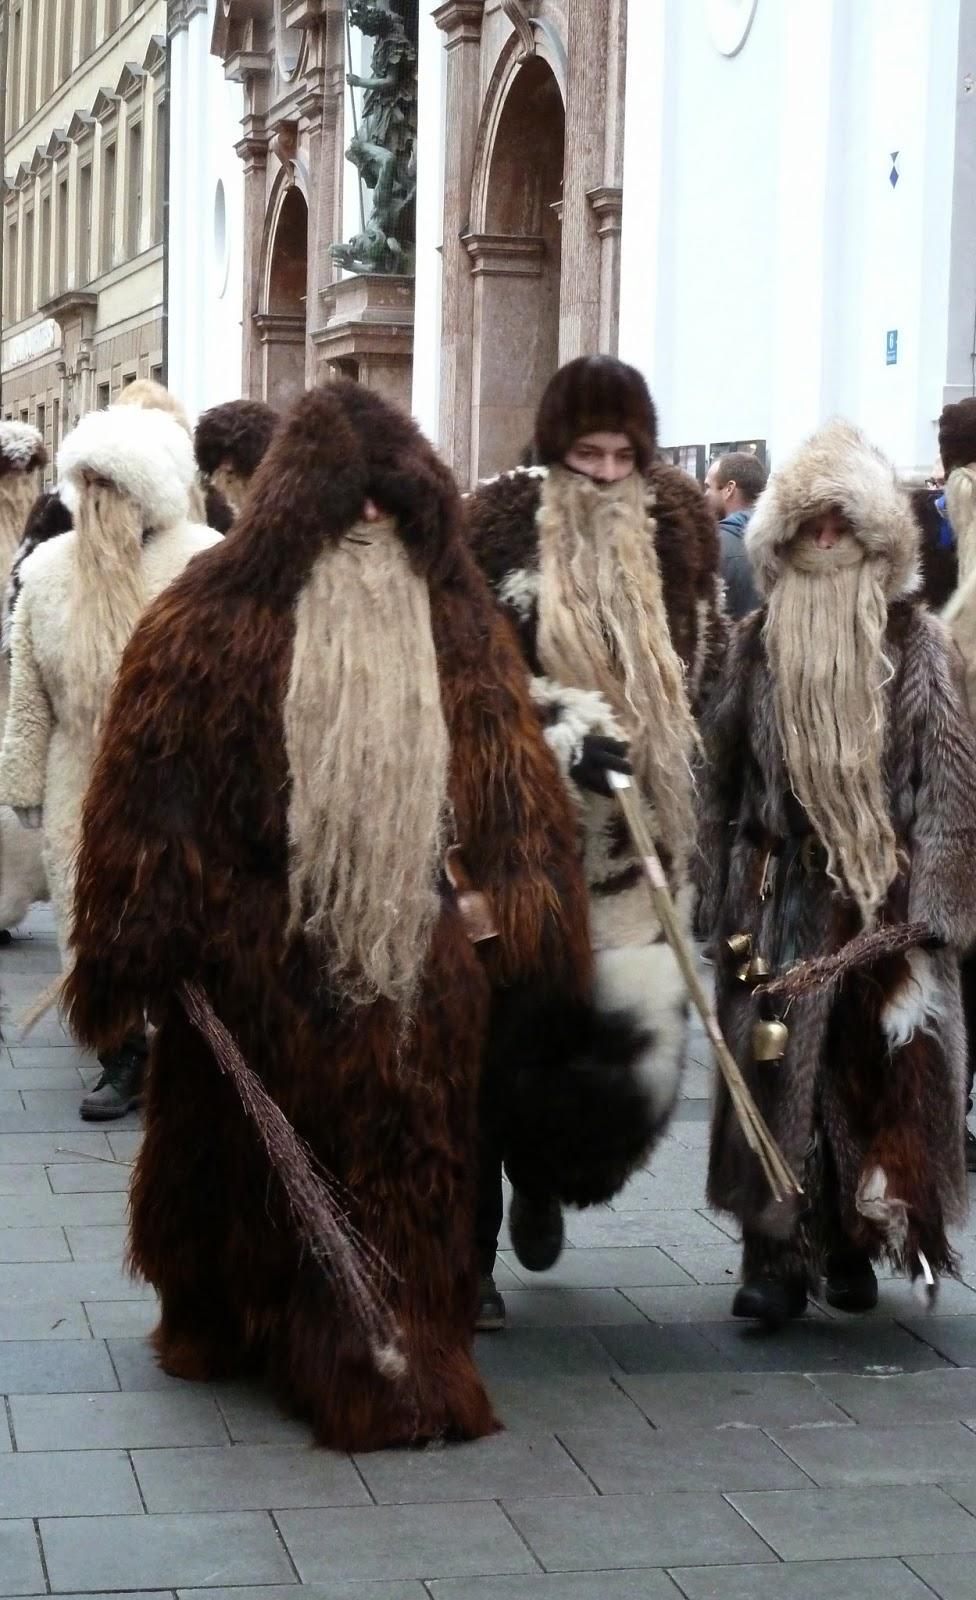 défil à munich pendant la saint nicolas